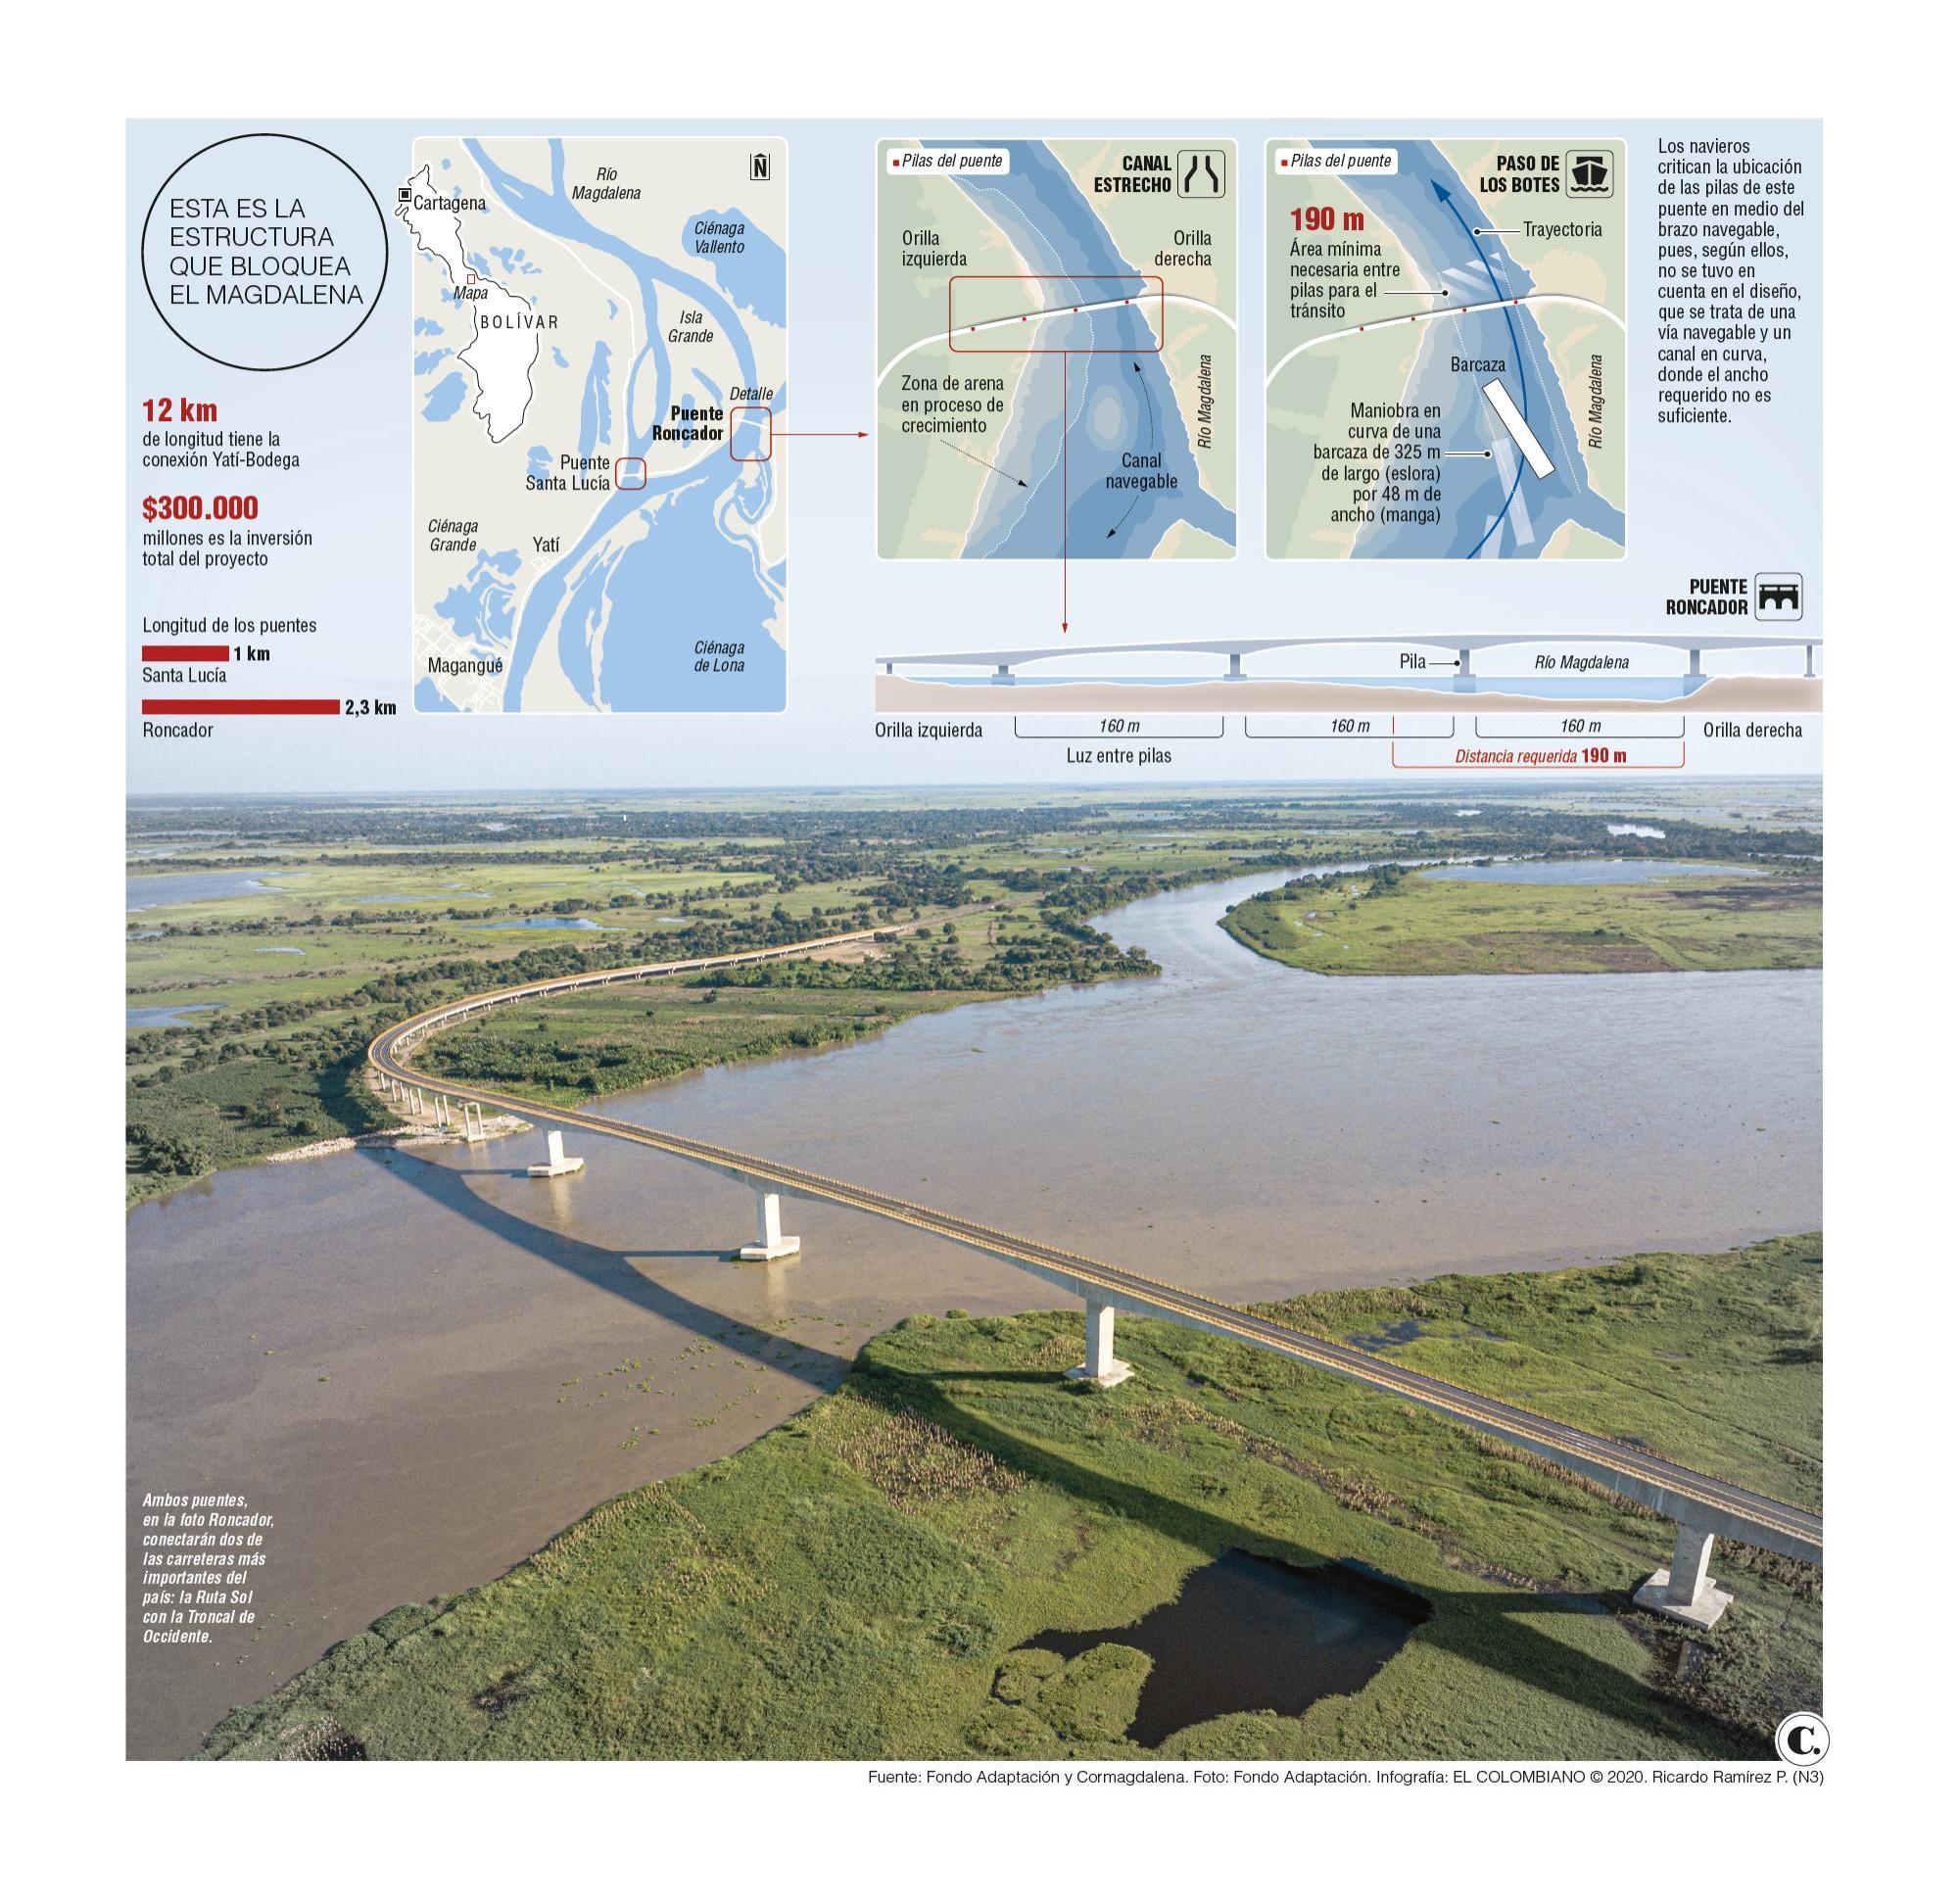 El costoso puente que se le atraviesa a la navegabilidad